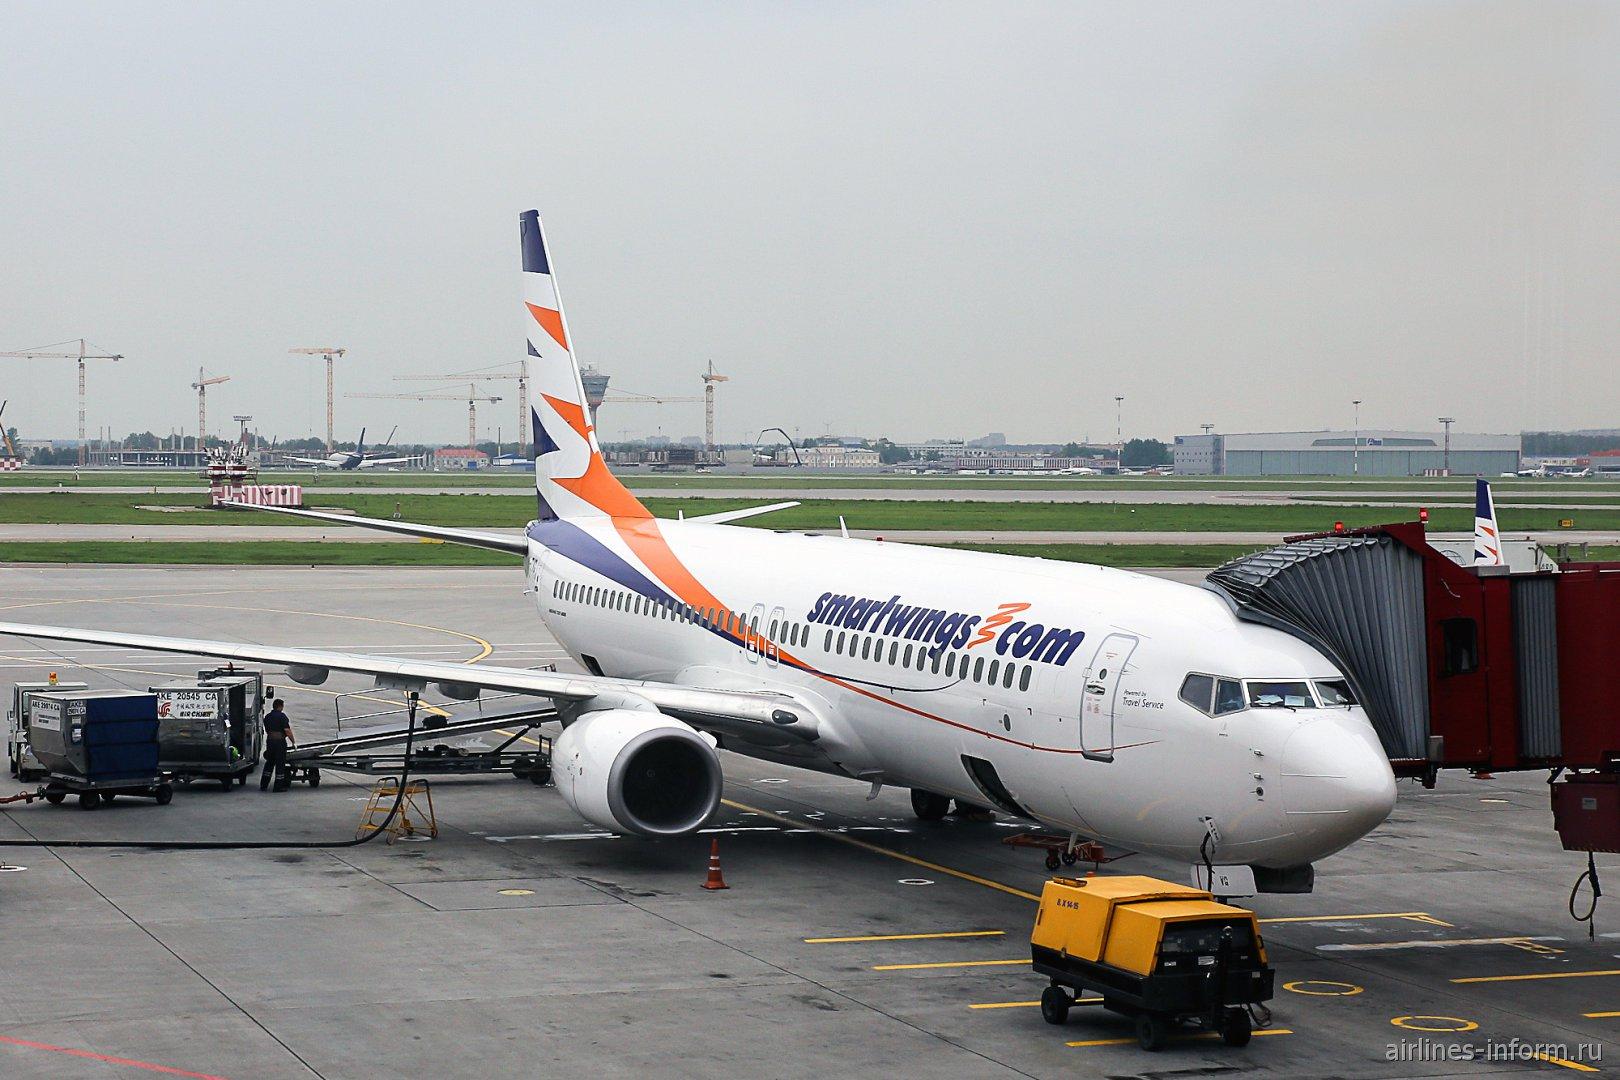 Самолет Боинг-737-800 авиакомпании Smartwings в аэропорту Шереметьево